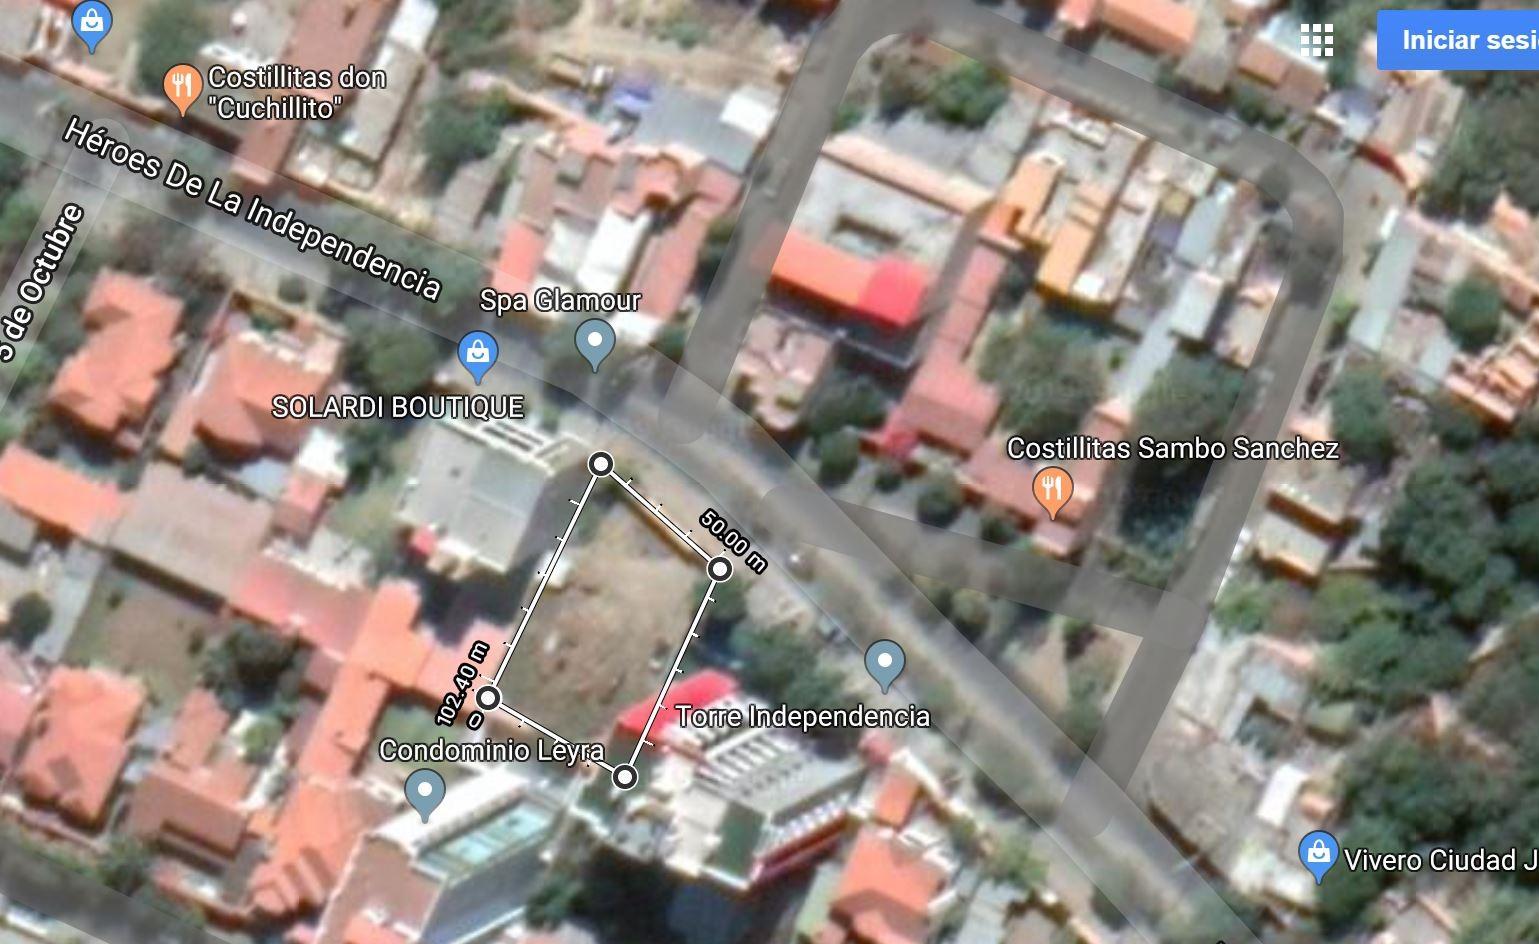 Terreno en Venta Av. Heroes de la Independencia #24, Zona de Tabladita, Barrio SENAC Foto 1